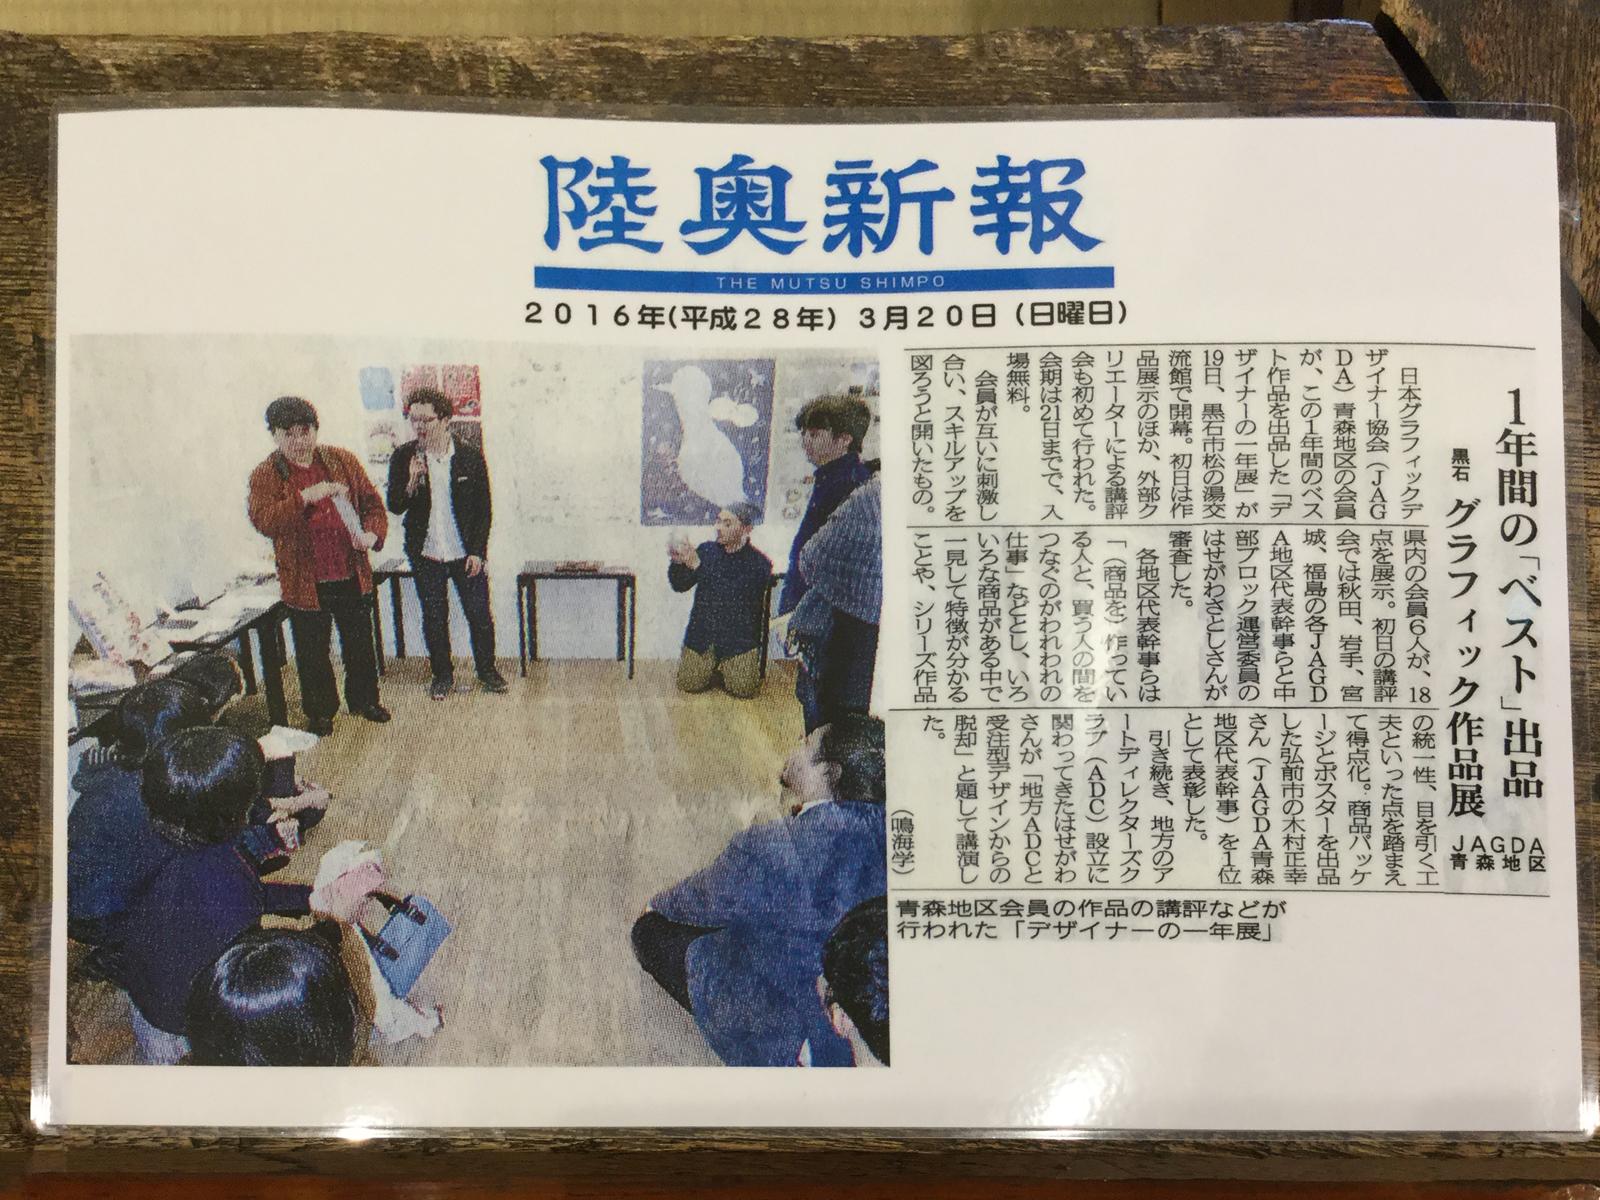 jitozu_mutsushinpou20160320